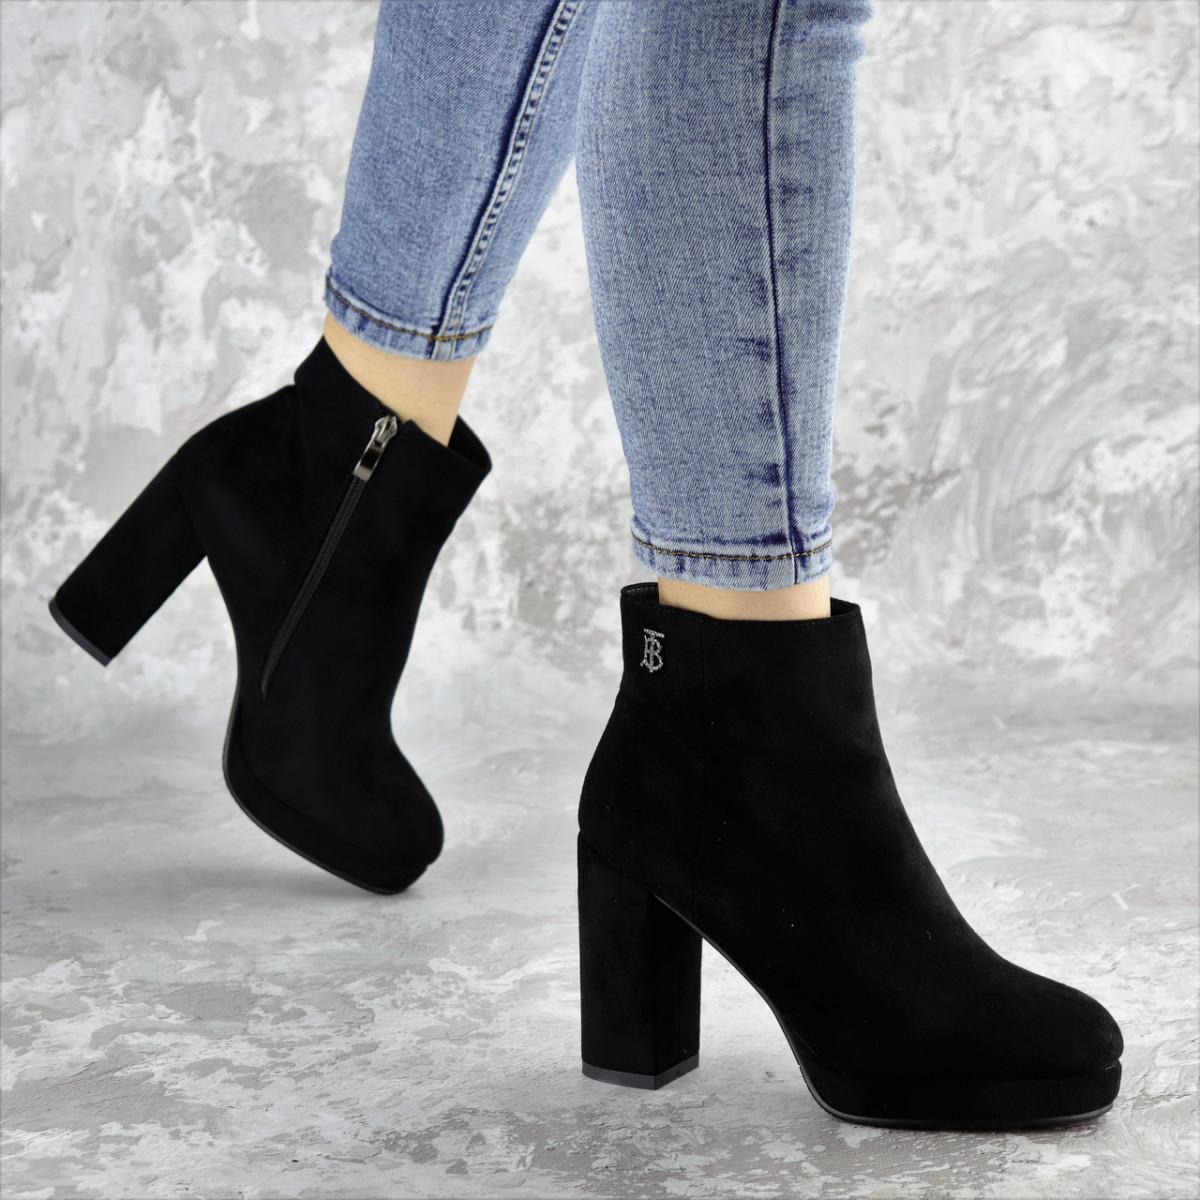 Ботильоны женские Fashion Australia 2428 36 размер 23,5 см Черный